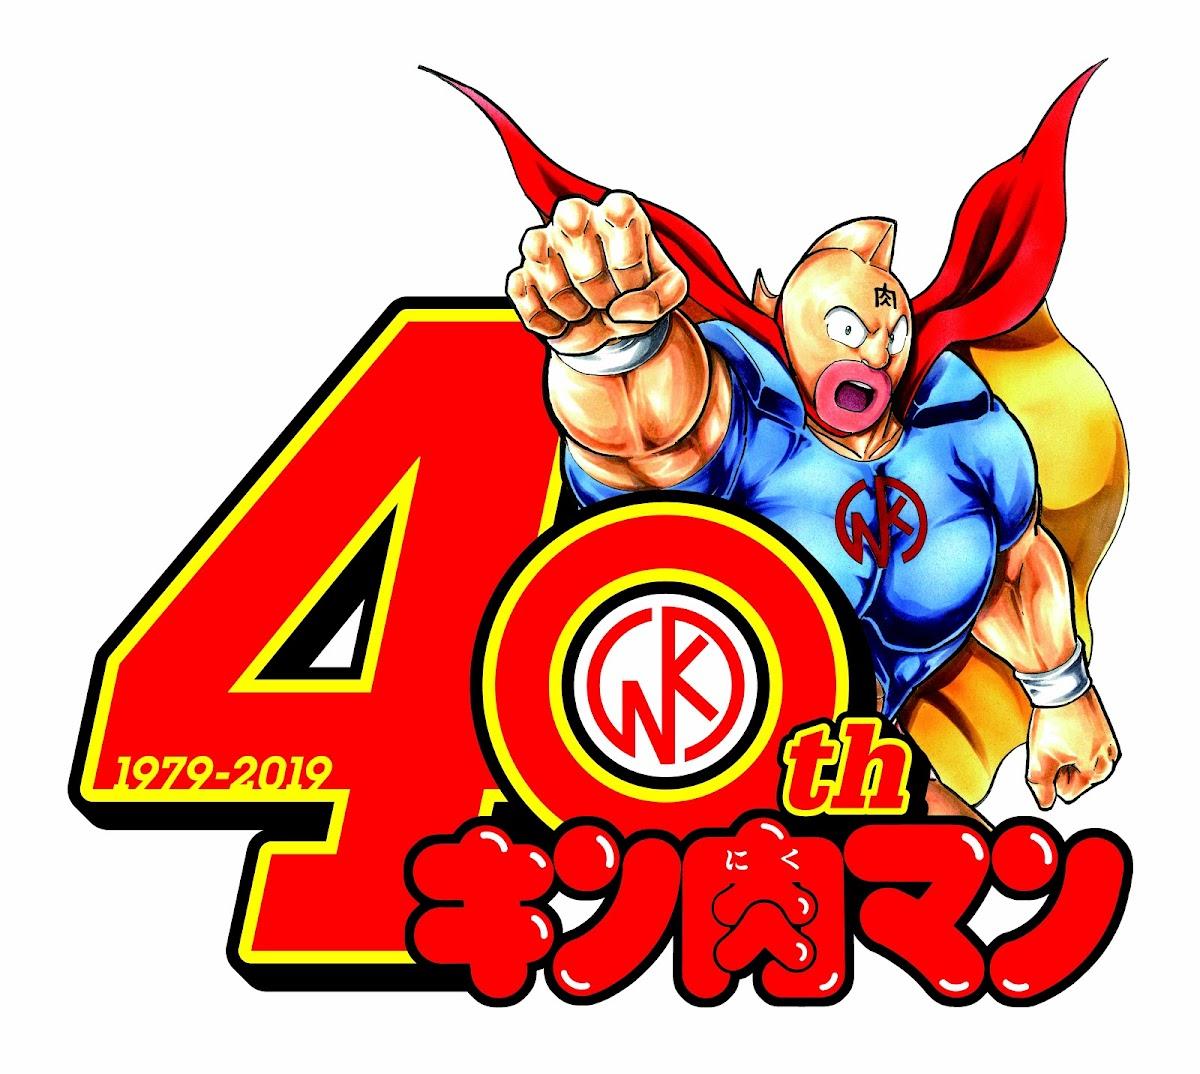 キン肉マンが40巻まで無料公開中 40周年記念で5月8日まで こぼねみ